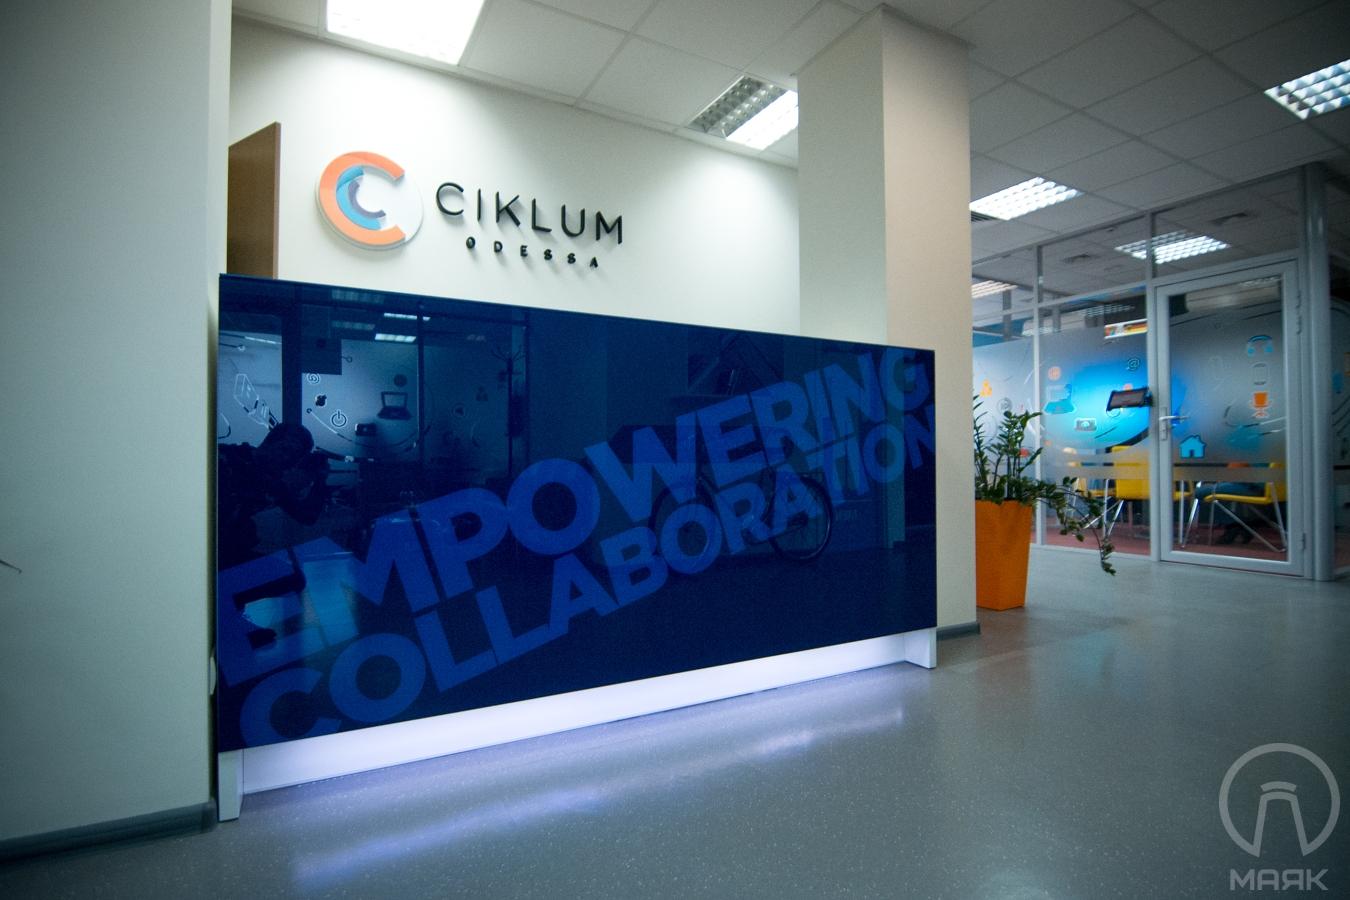 ciklum-ofis-14